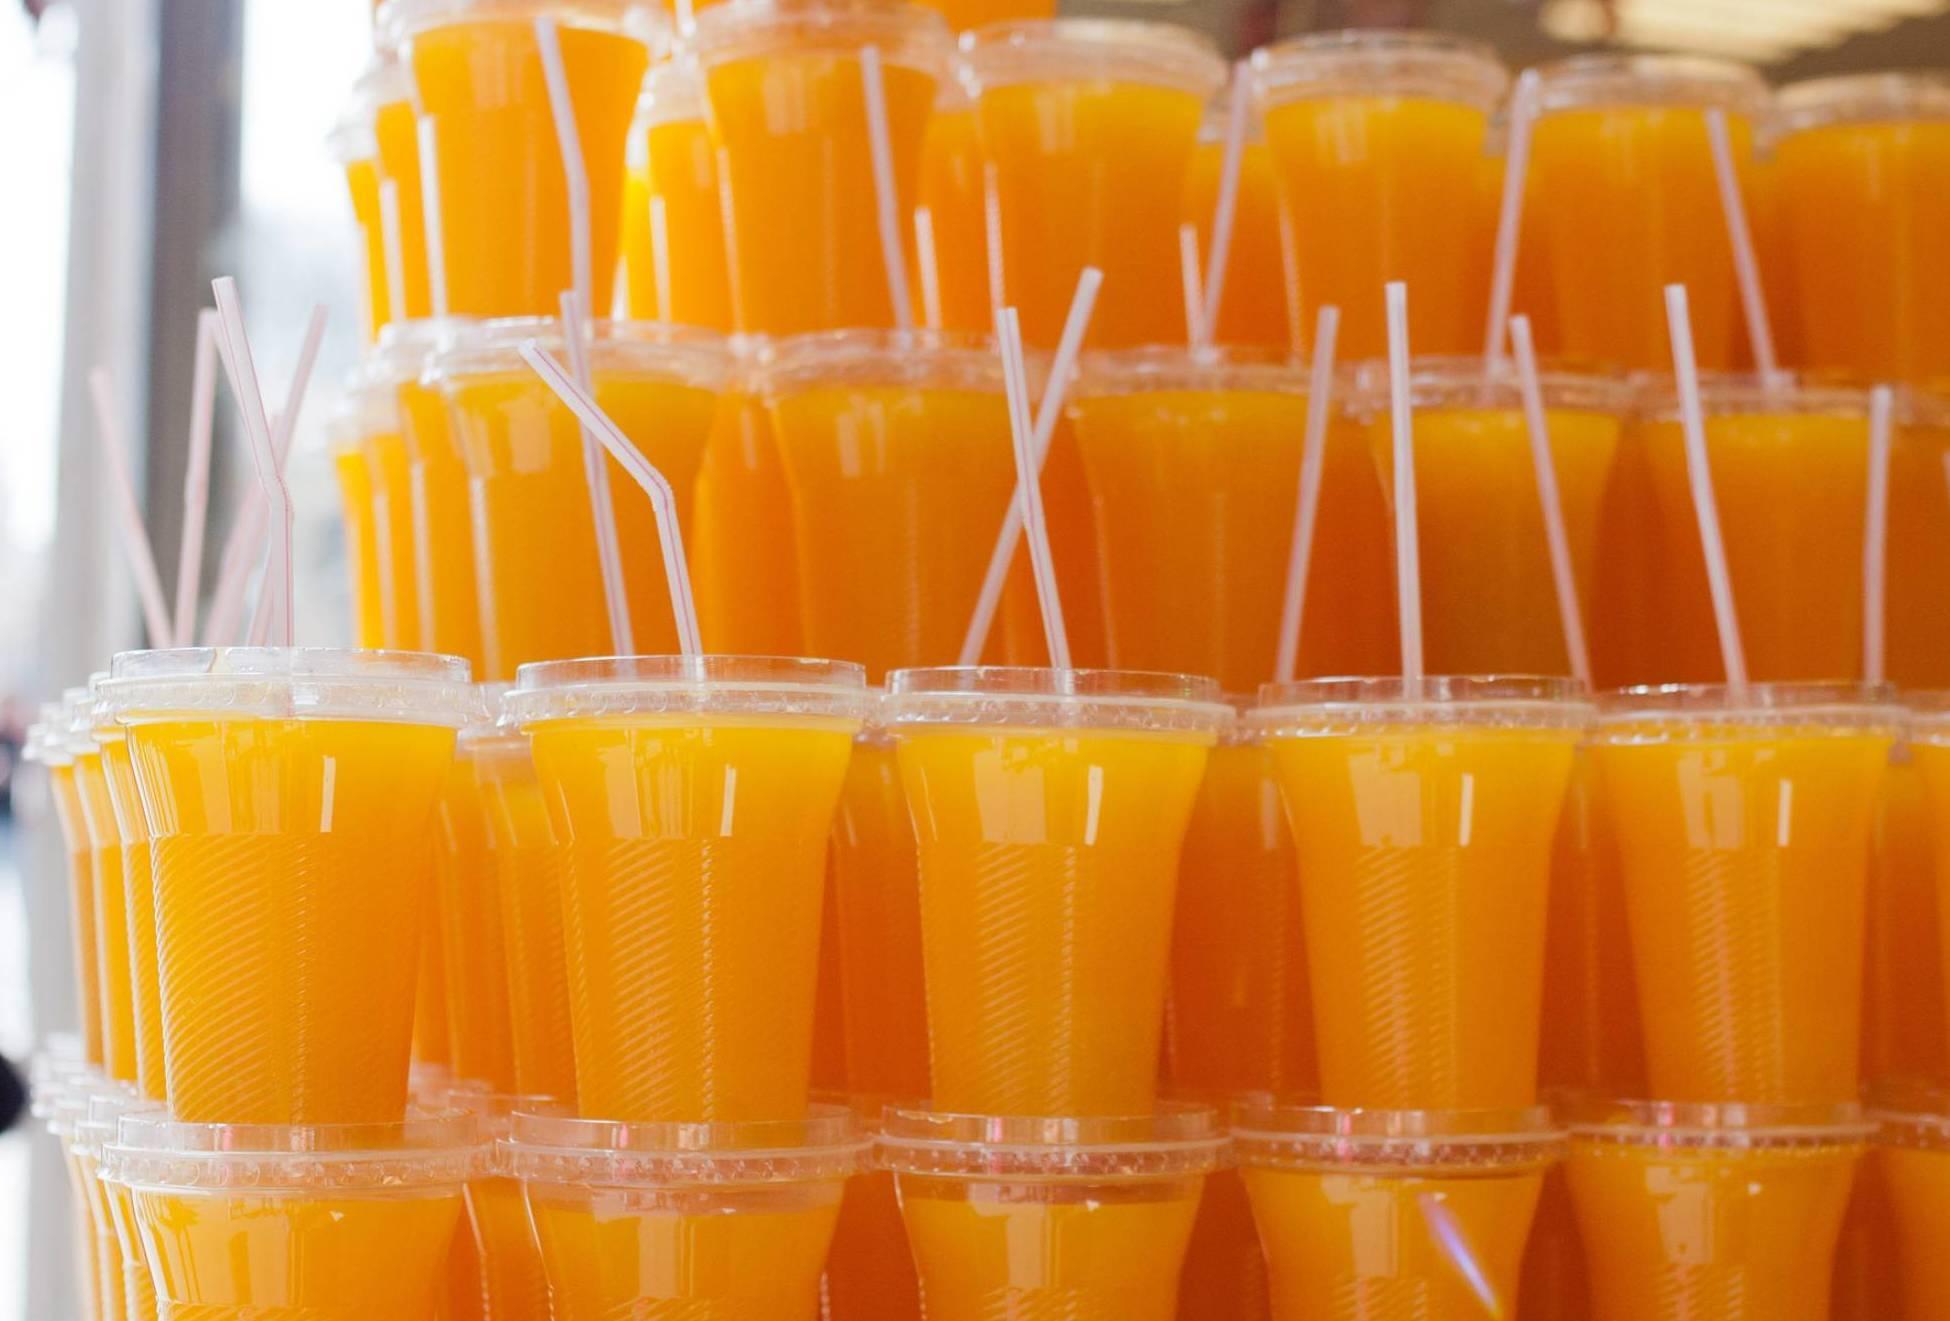 La importancia de la fruta y de limitar los zumos aunque sean naturales.